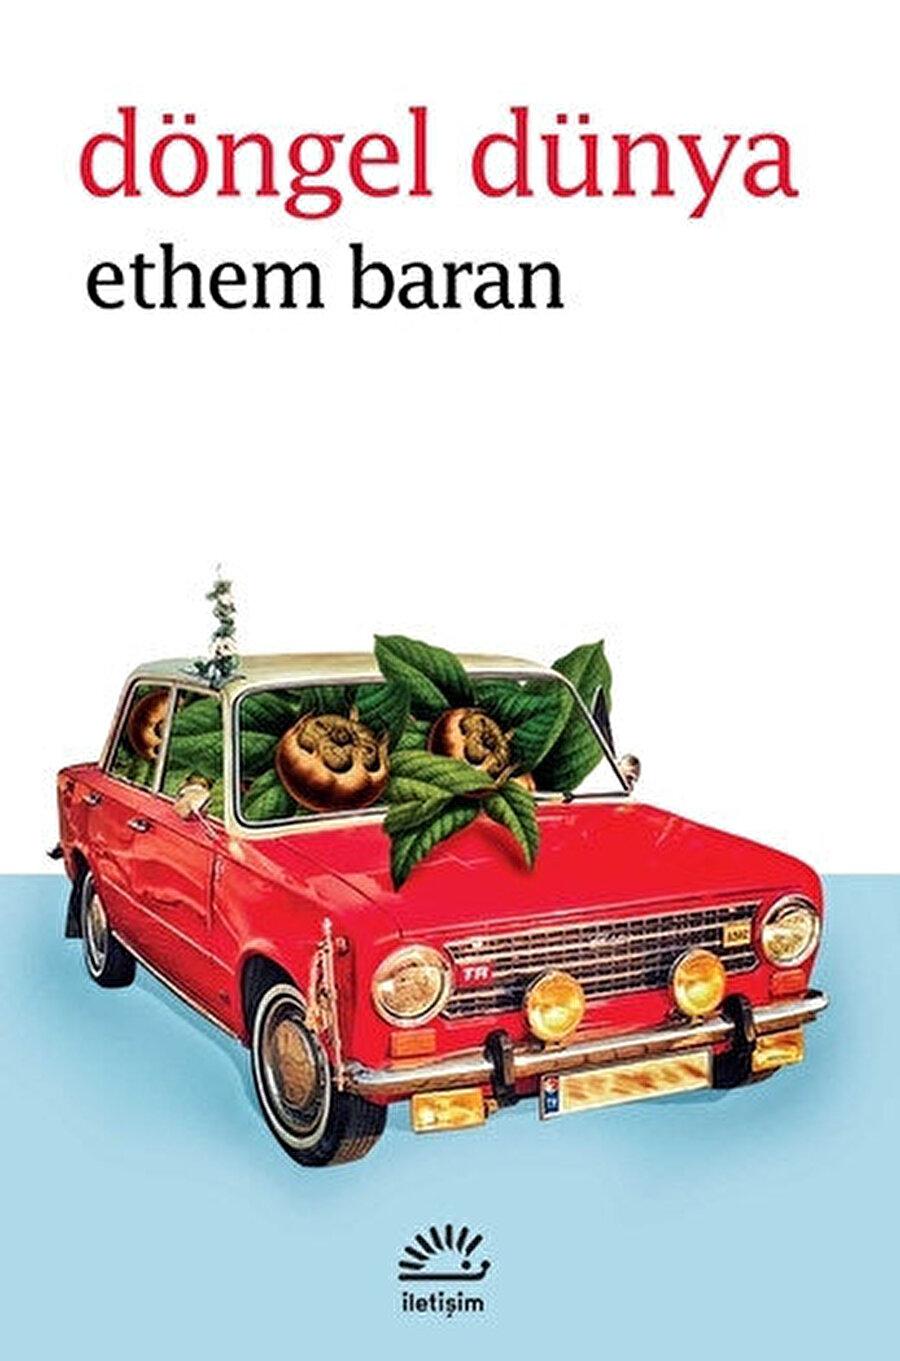 Ethem Baran olaydan, kurgudan, anlatıdan daha çok ayrıntılar üzerine yoğunlaşıyor.